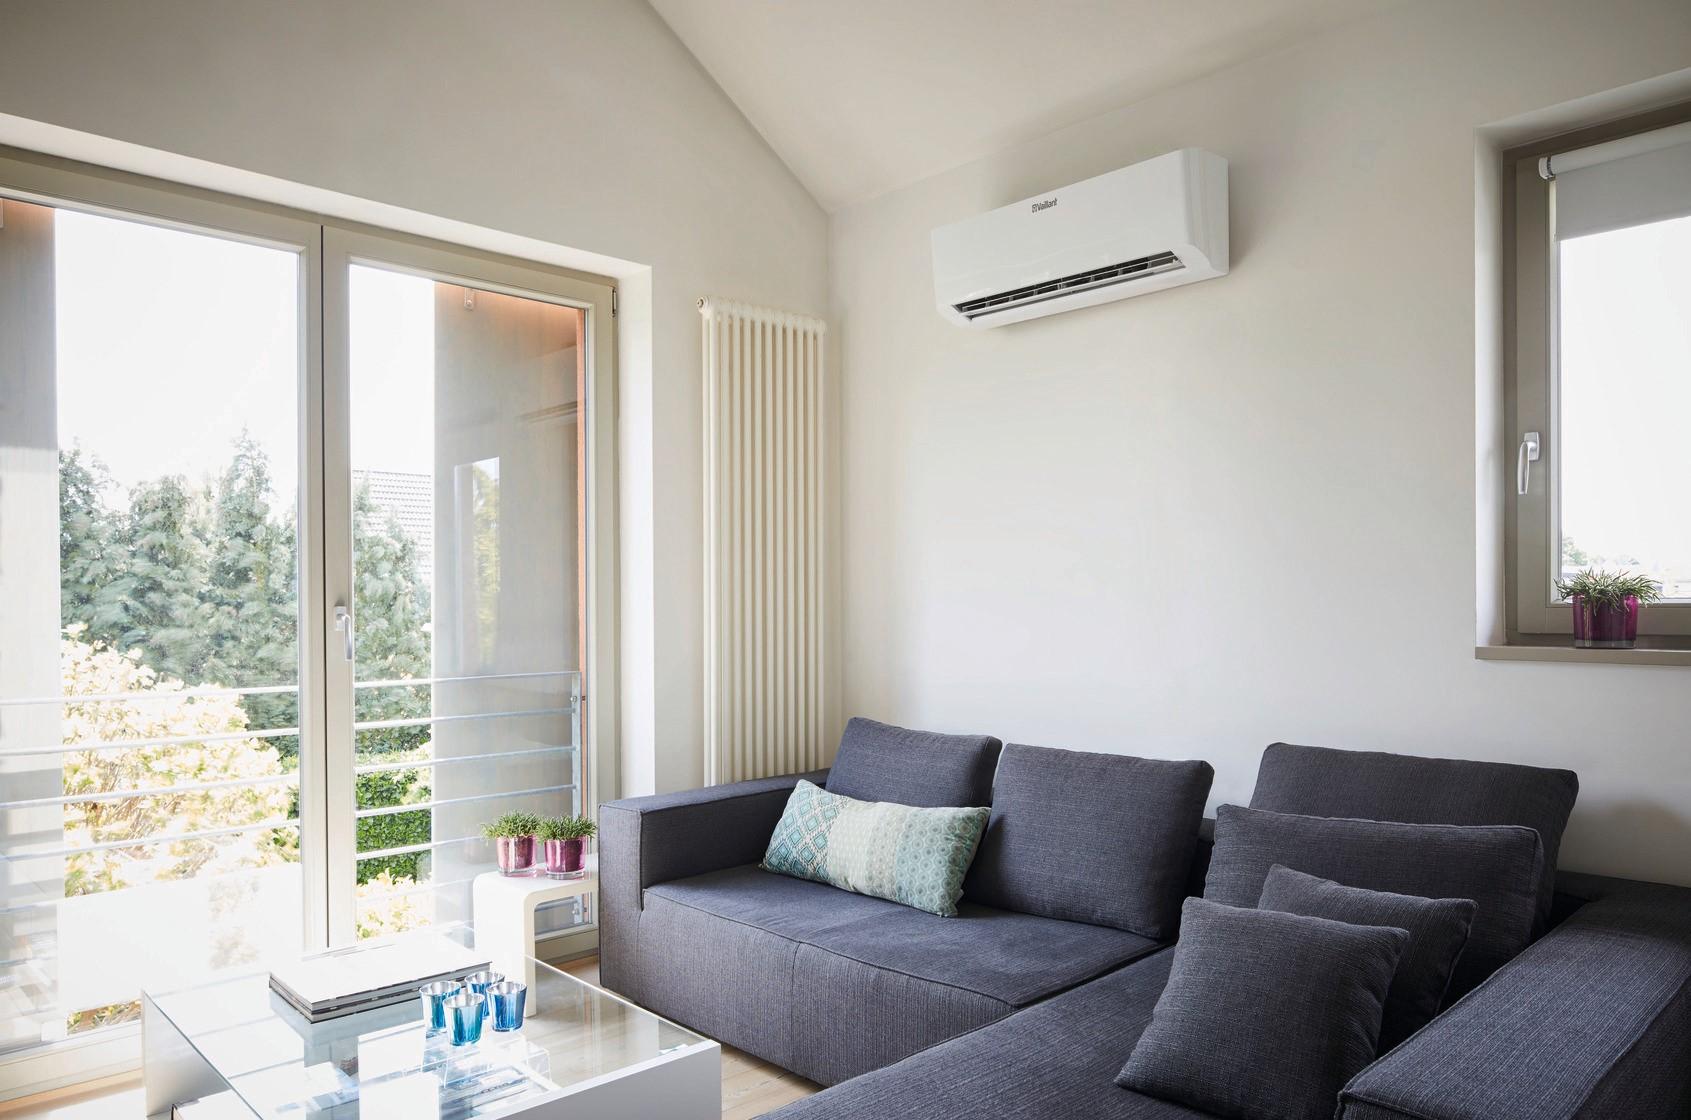 Rodzaje ogrzewania domu i jego chłodzenia. Jaką technologię wybrać?